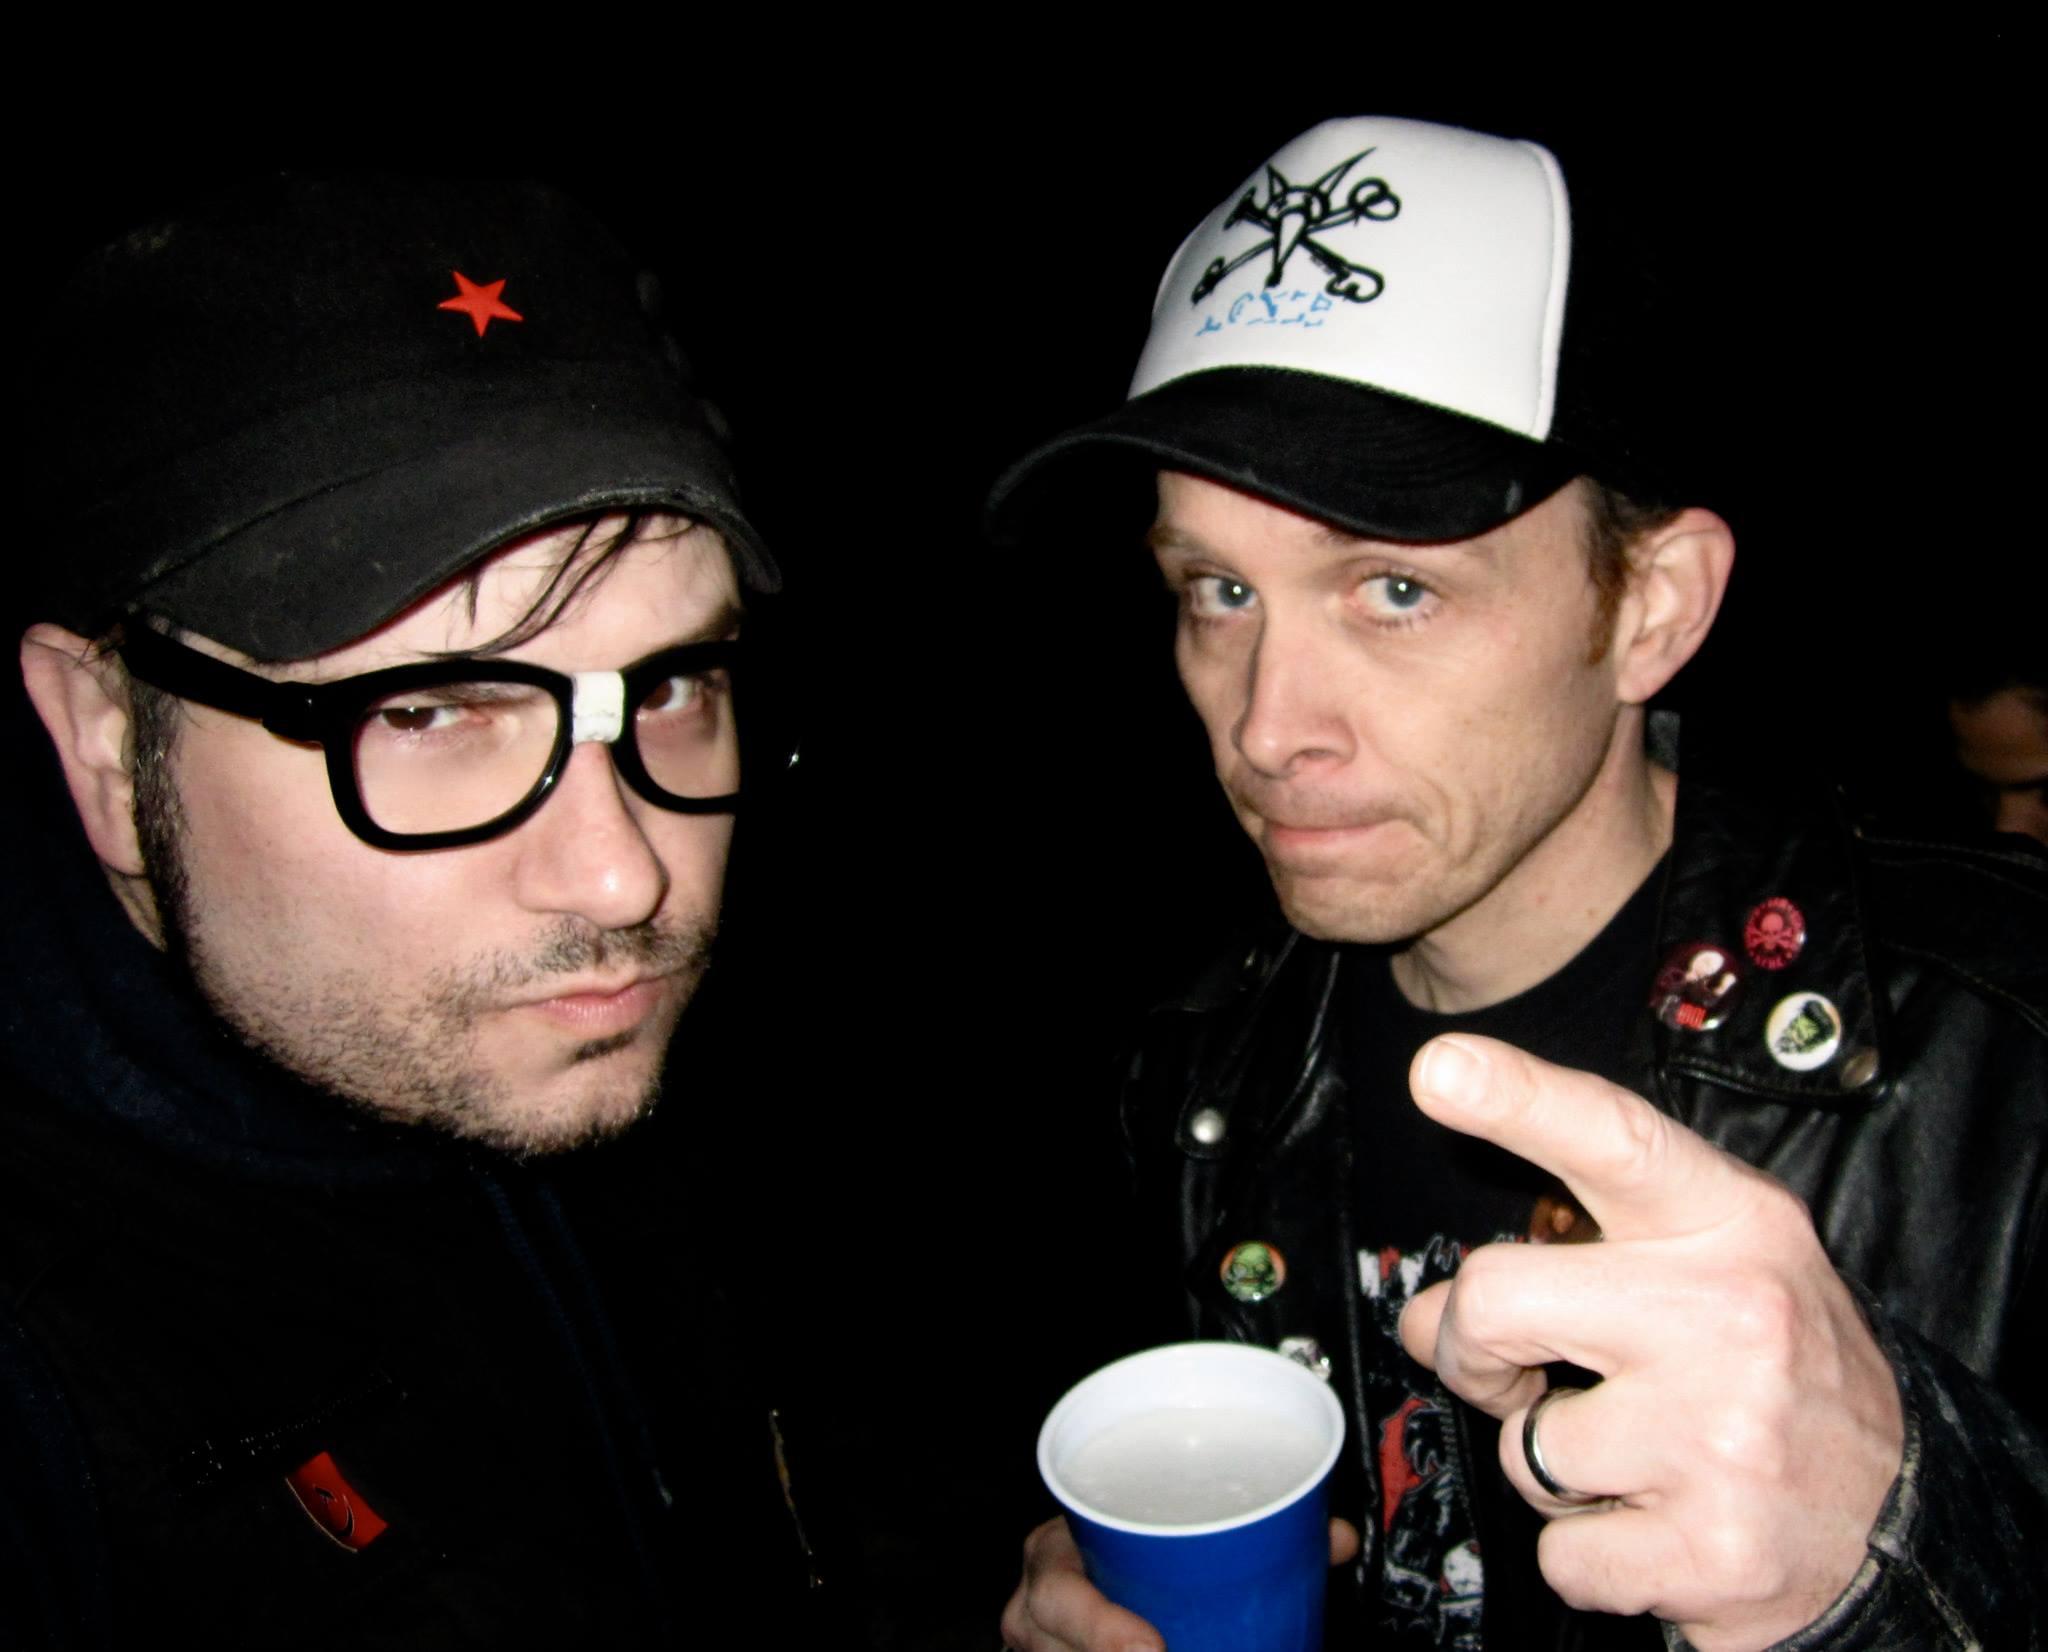 EDDIE RAY and JONATHAN REJ